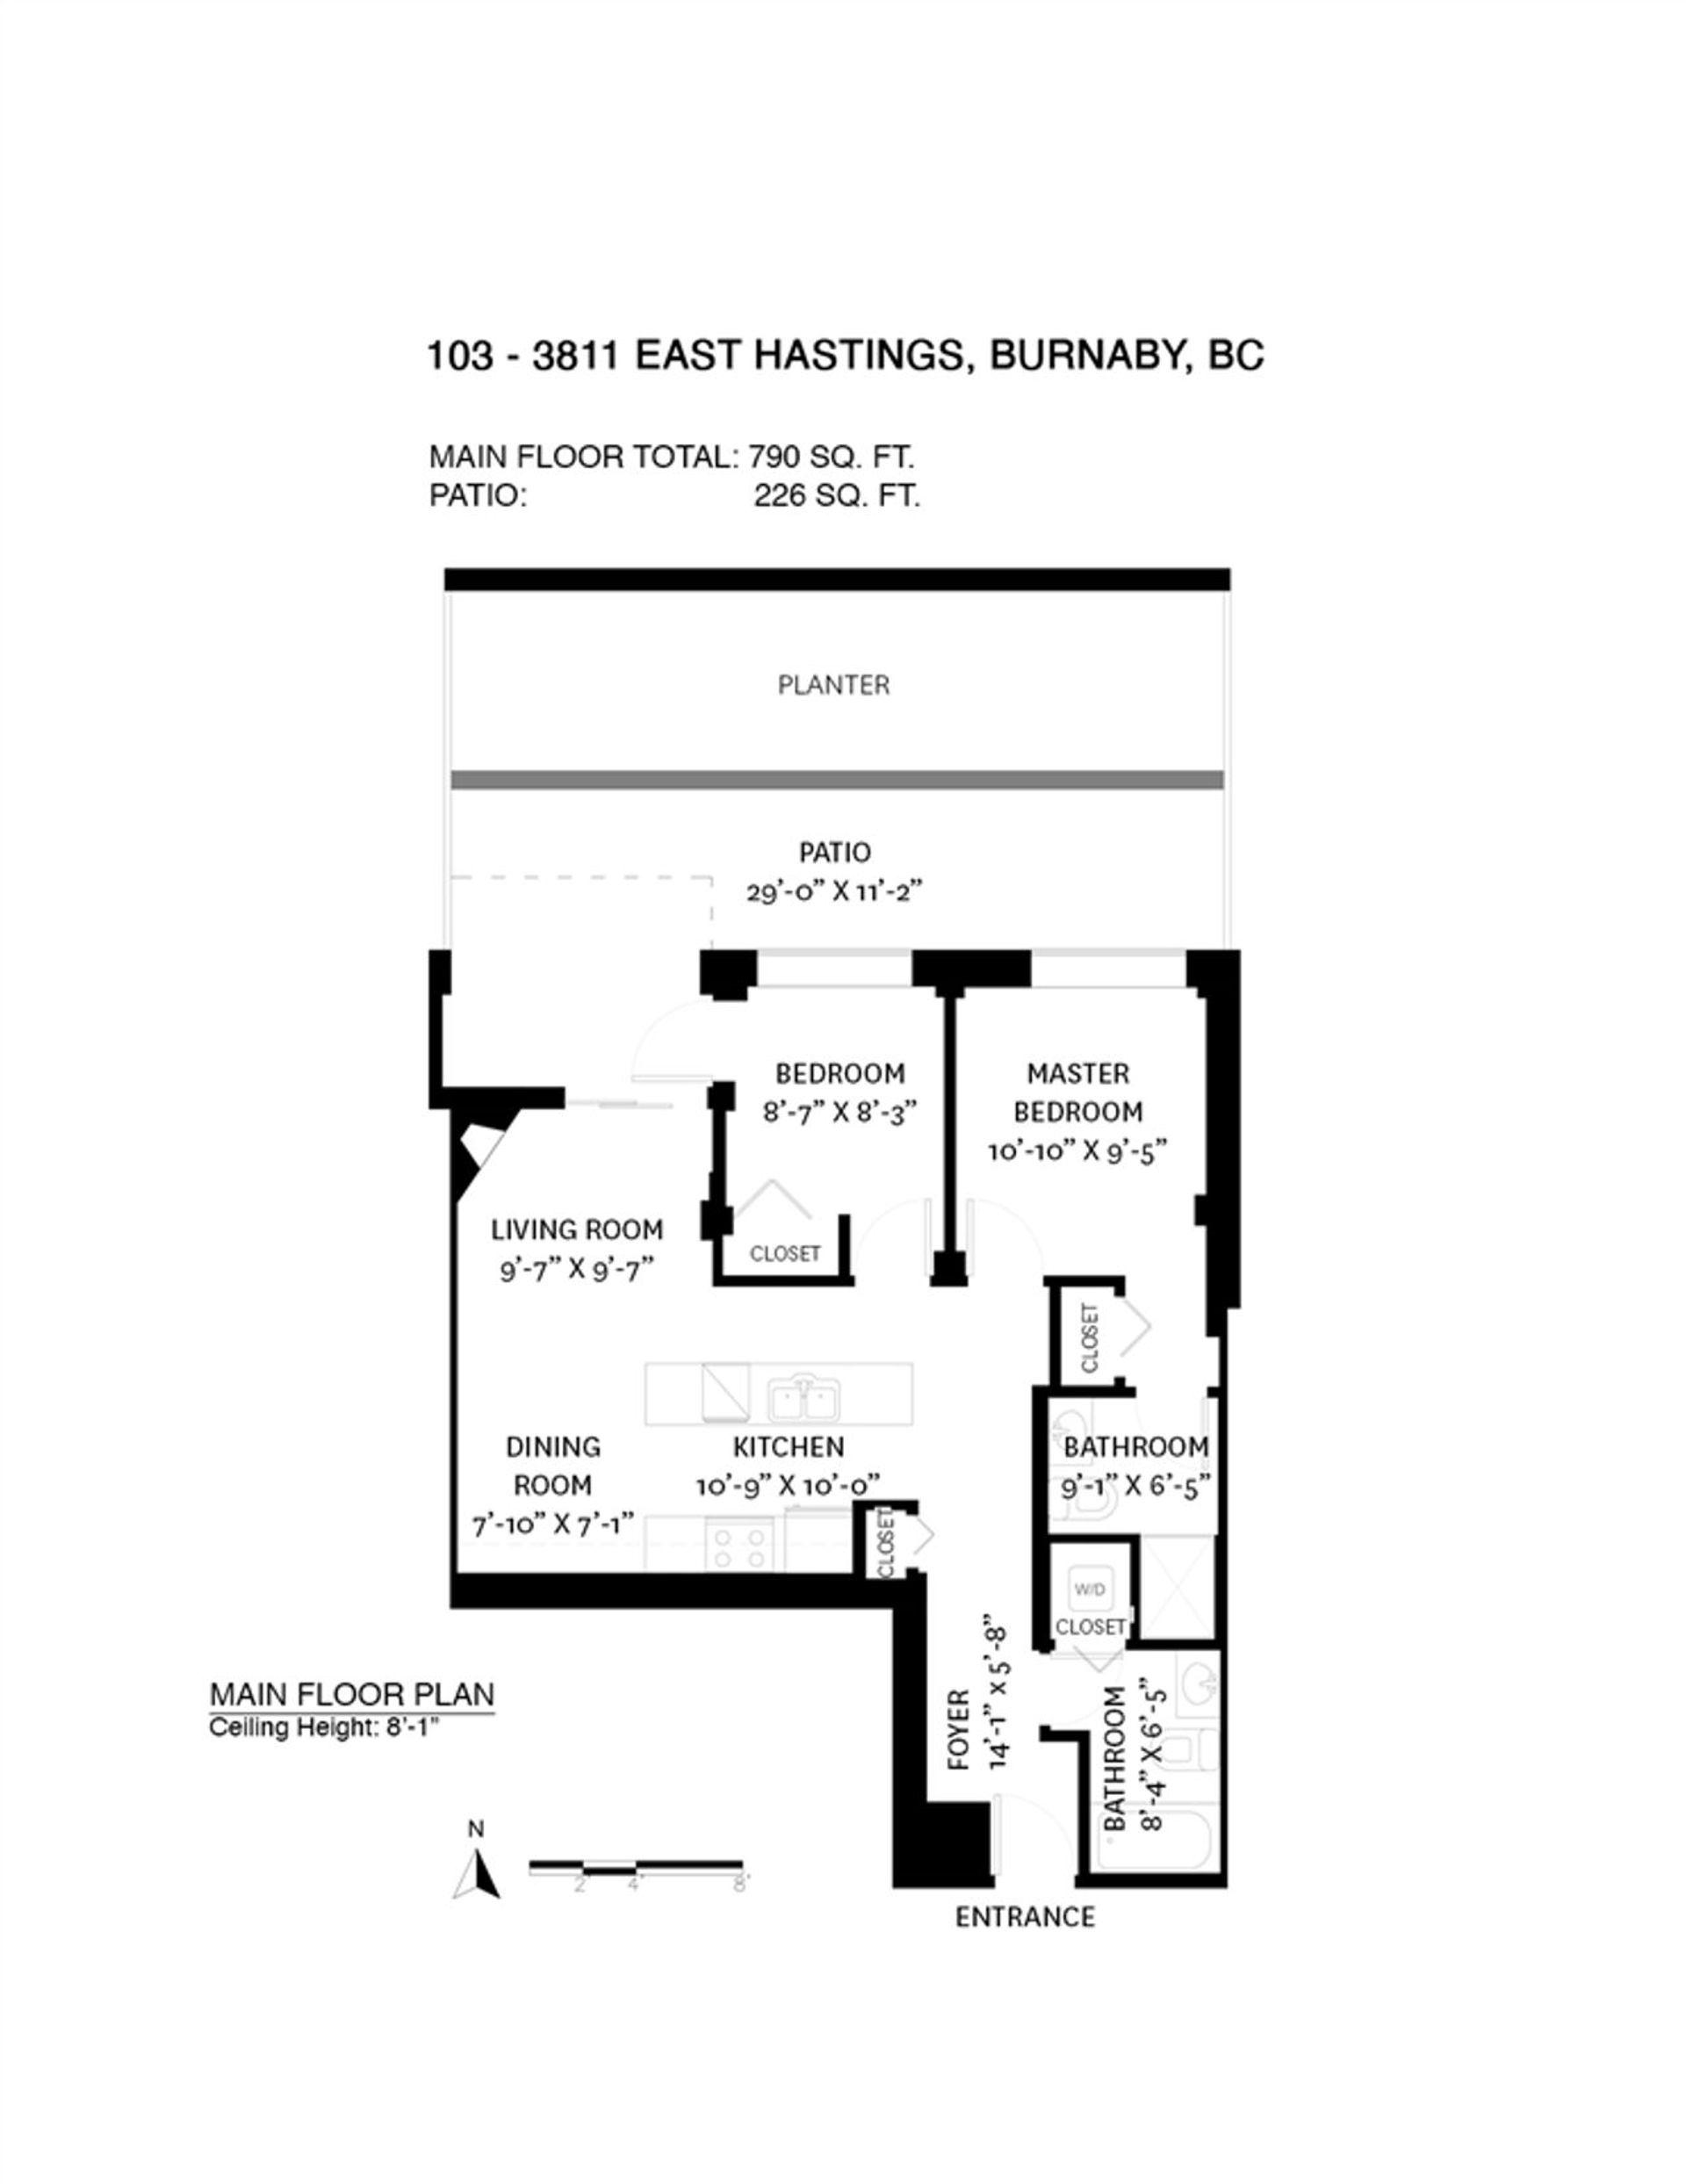 3811-hastings-street-vancouver-heights-burnaby-north-38 at 103 - 3811 Hastings Street, Vancouver Heights, Burnaby North